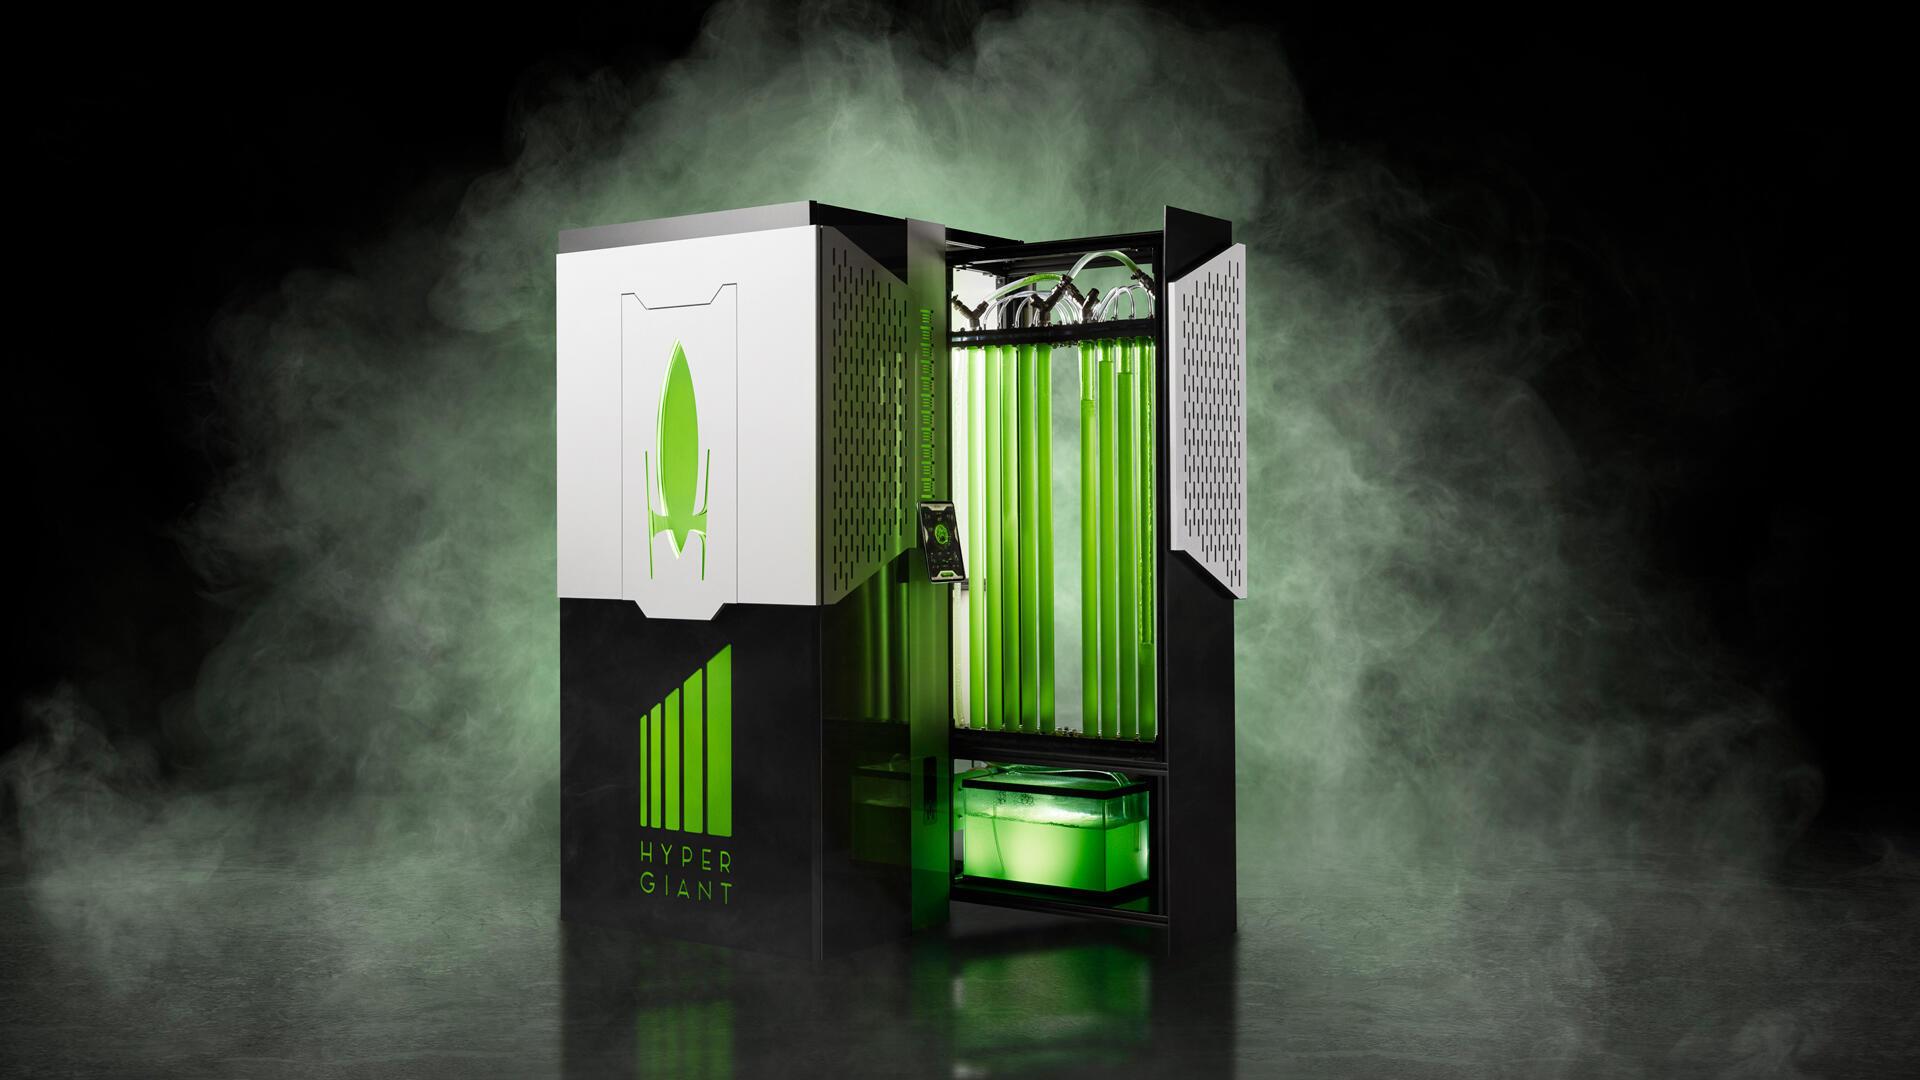 L'entreprise américaine Hypergiant Industries,spécialisée dans le développement de systèmes d'intelligence artificielle, a imaginé une solution de haute technologique afin de réduire nos émanations de dioxyde de carbone.